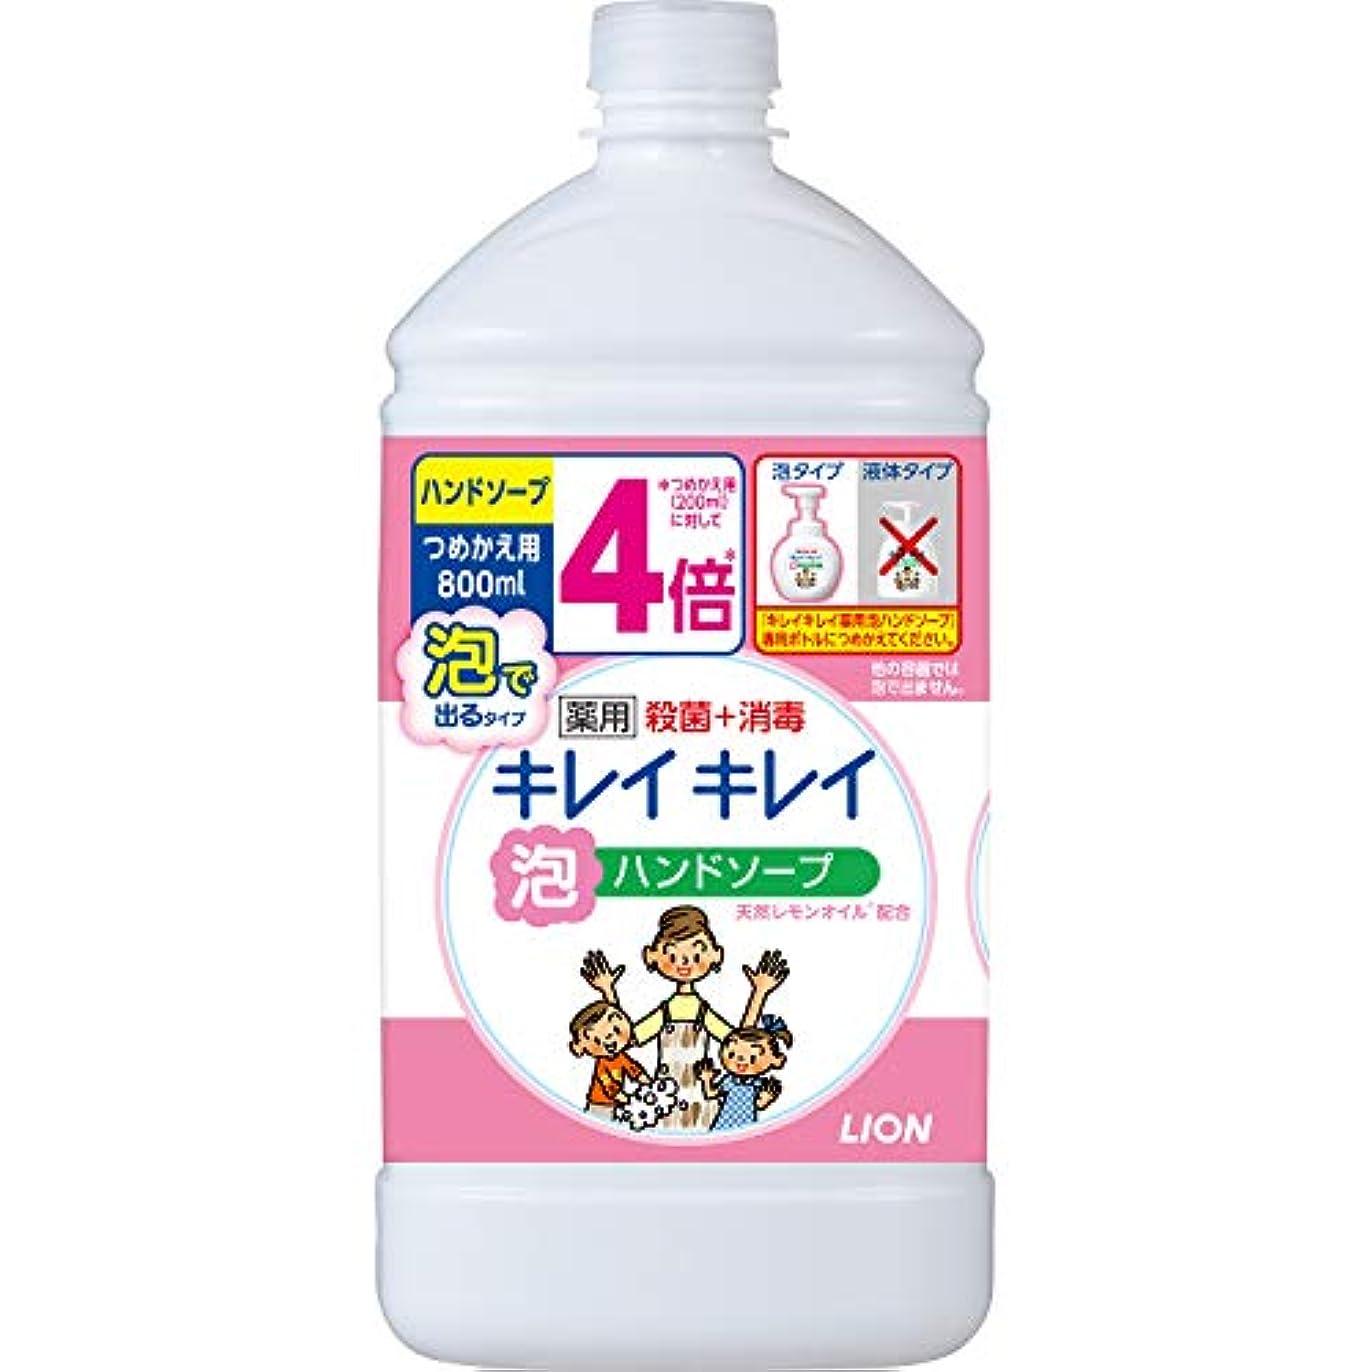 再生大使とても(医薬部外品)【大容量】キレイキレイ 薬用 泡ハンドソープ シトラスフルーティの香り 詰替特大 800ml